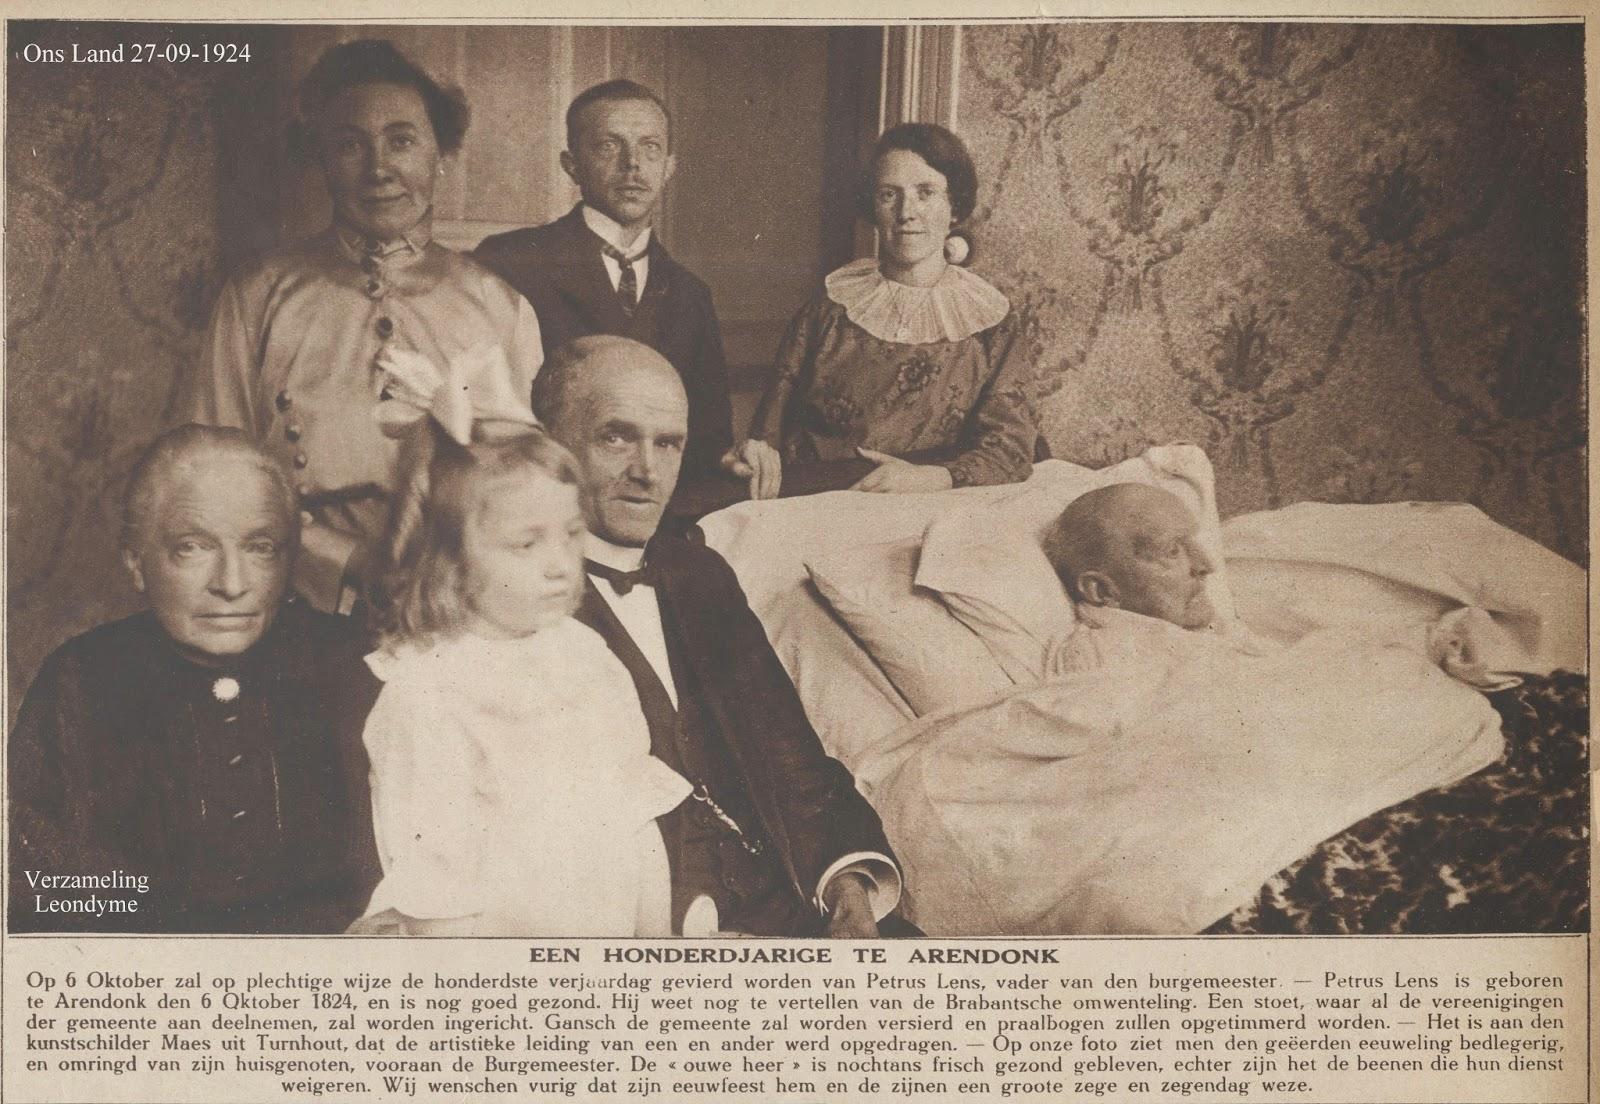 De 100-jarige Petrus Lens, die moeilijk te been was, maar gezond is er omringd door zijn zoon-burgemeester en naaste familieleden. Ons Land 27 september 1924